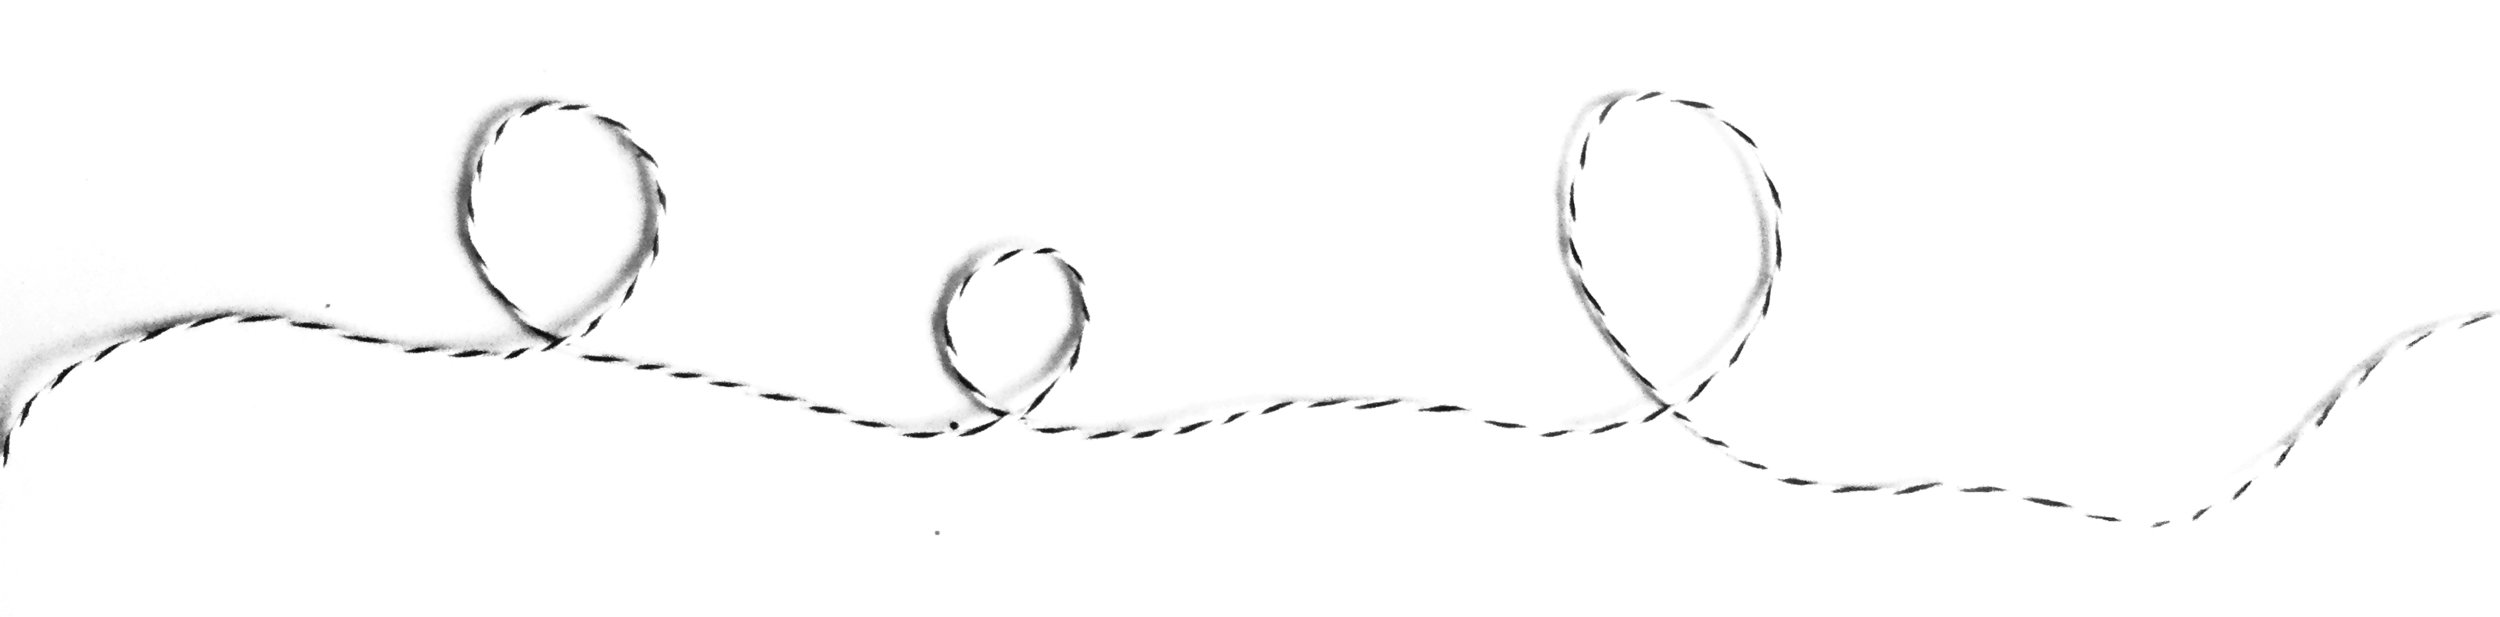 string2.jpg